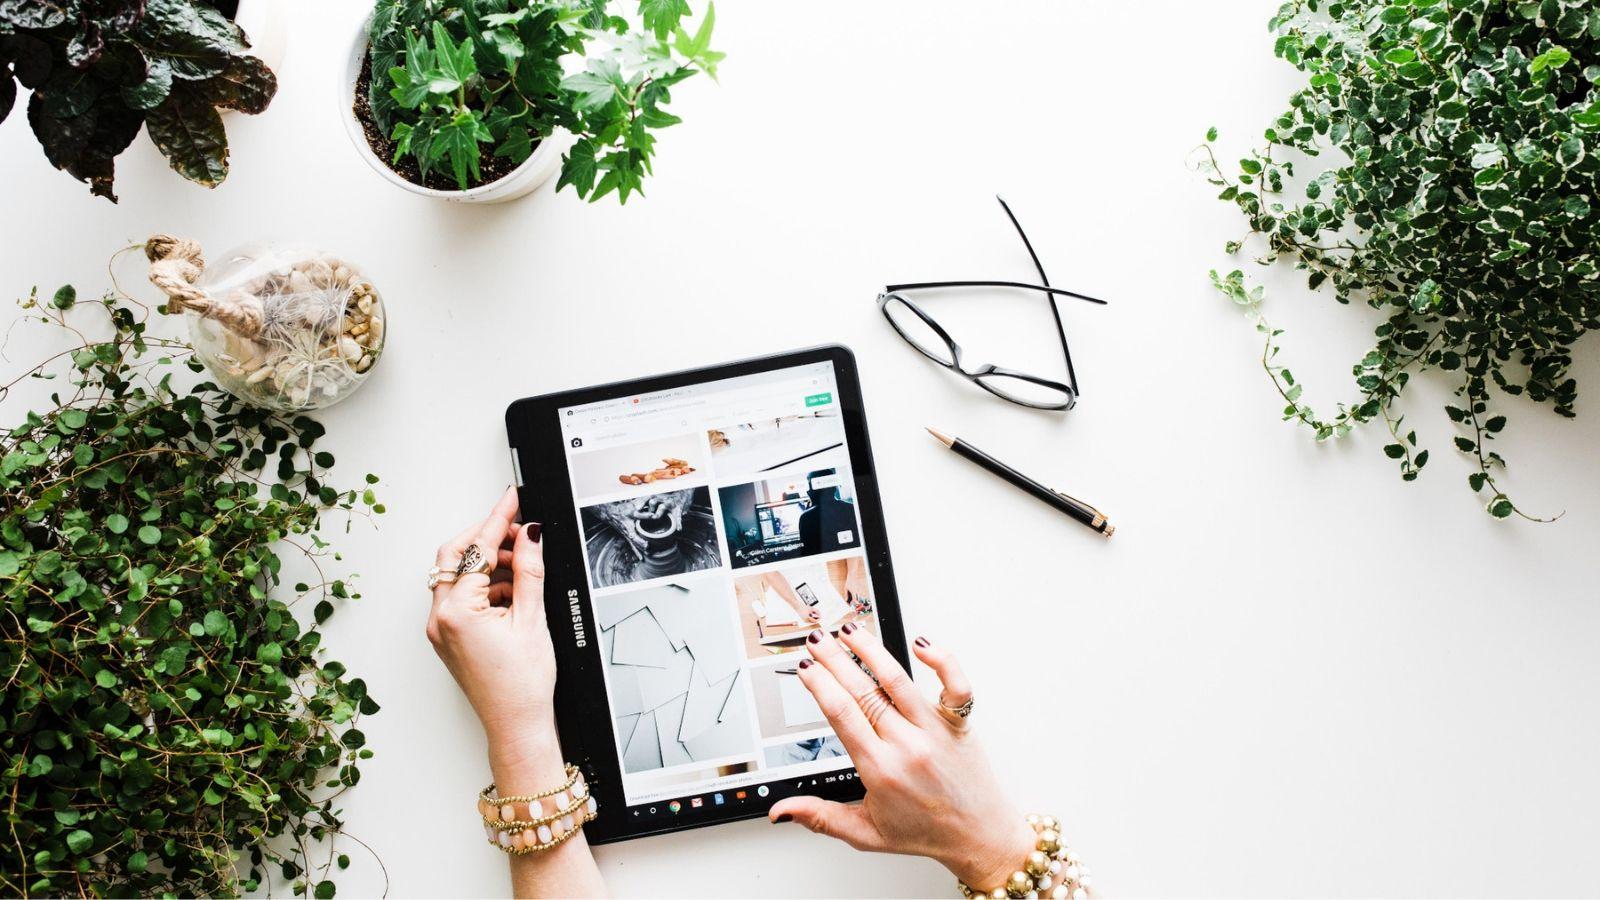 mua sắm online trên ipad